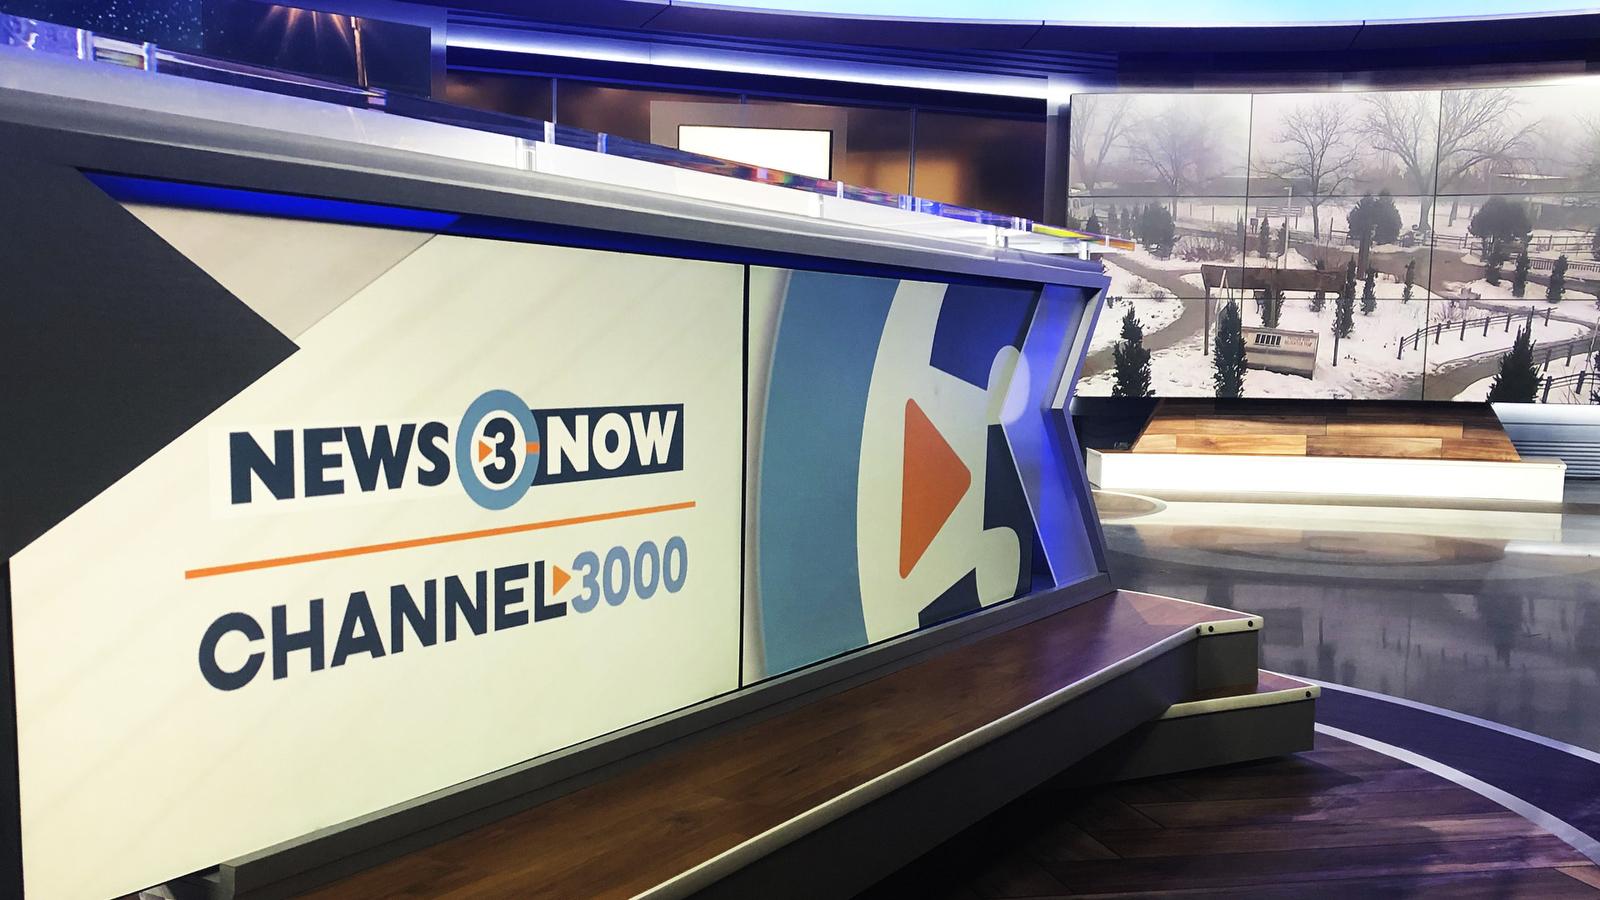 NCS_News-3-Now-WISC-TV_Studio_007